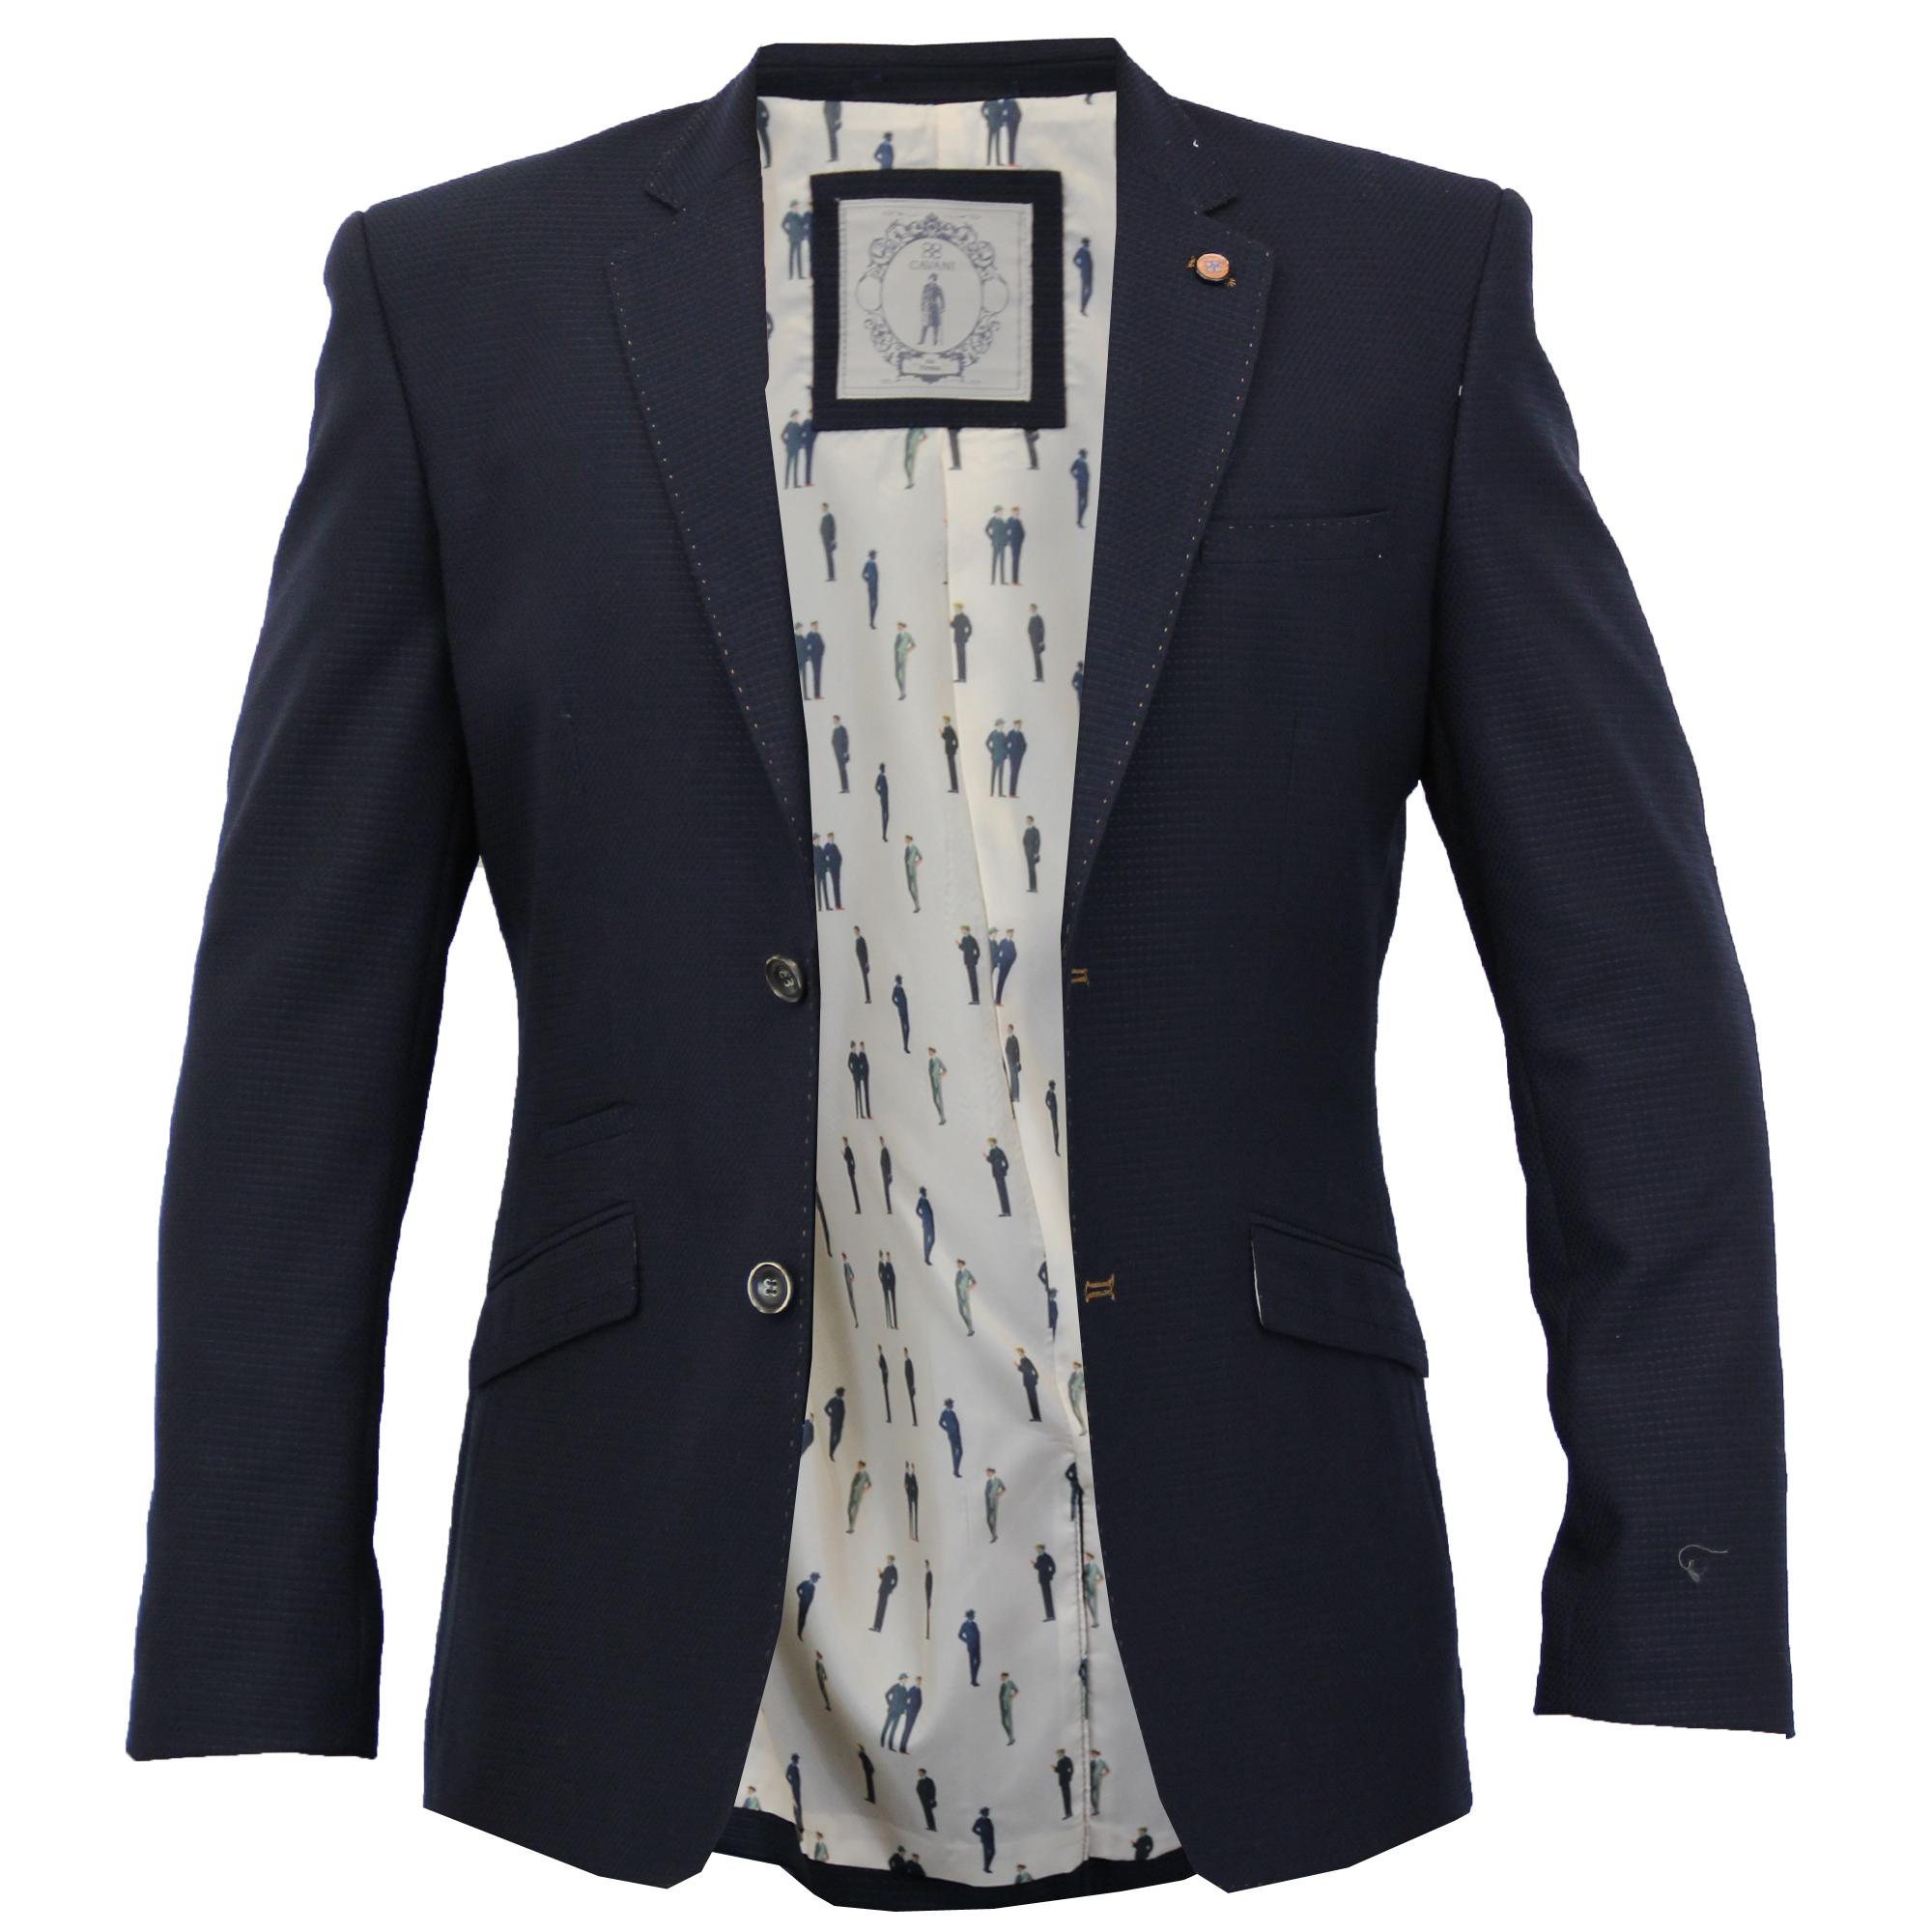 mens formal slim fit blazer jacket by cavani ebay. Black Bedroom Furniture Sets. Home Design Ideas